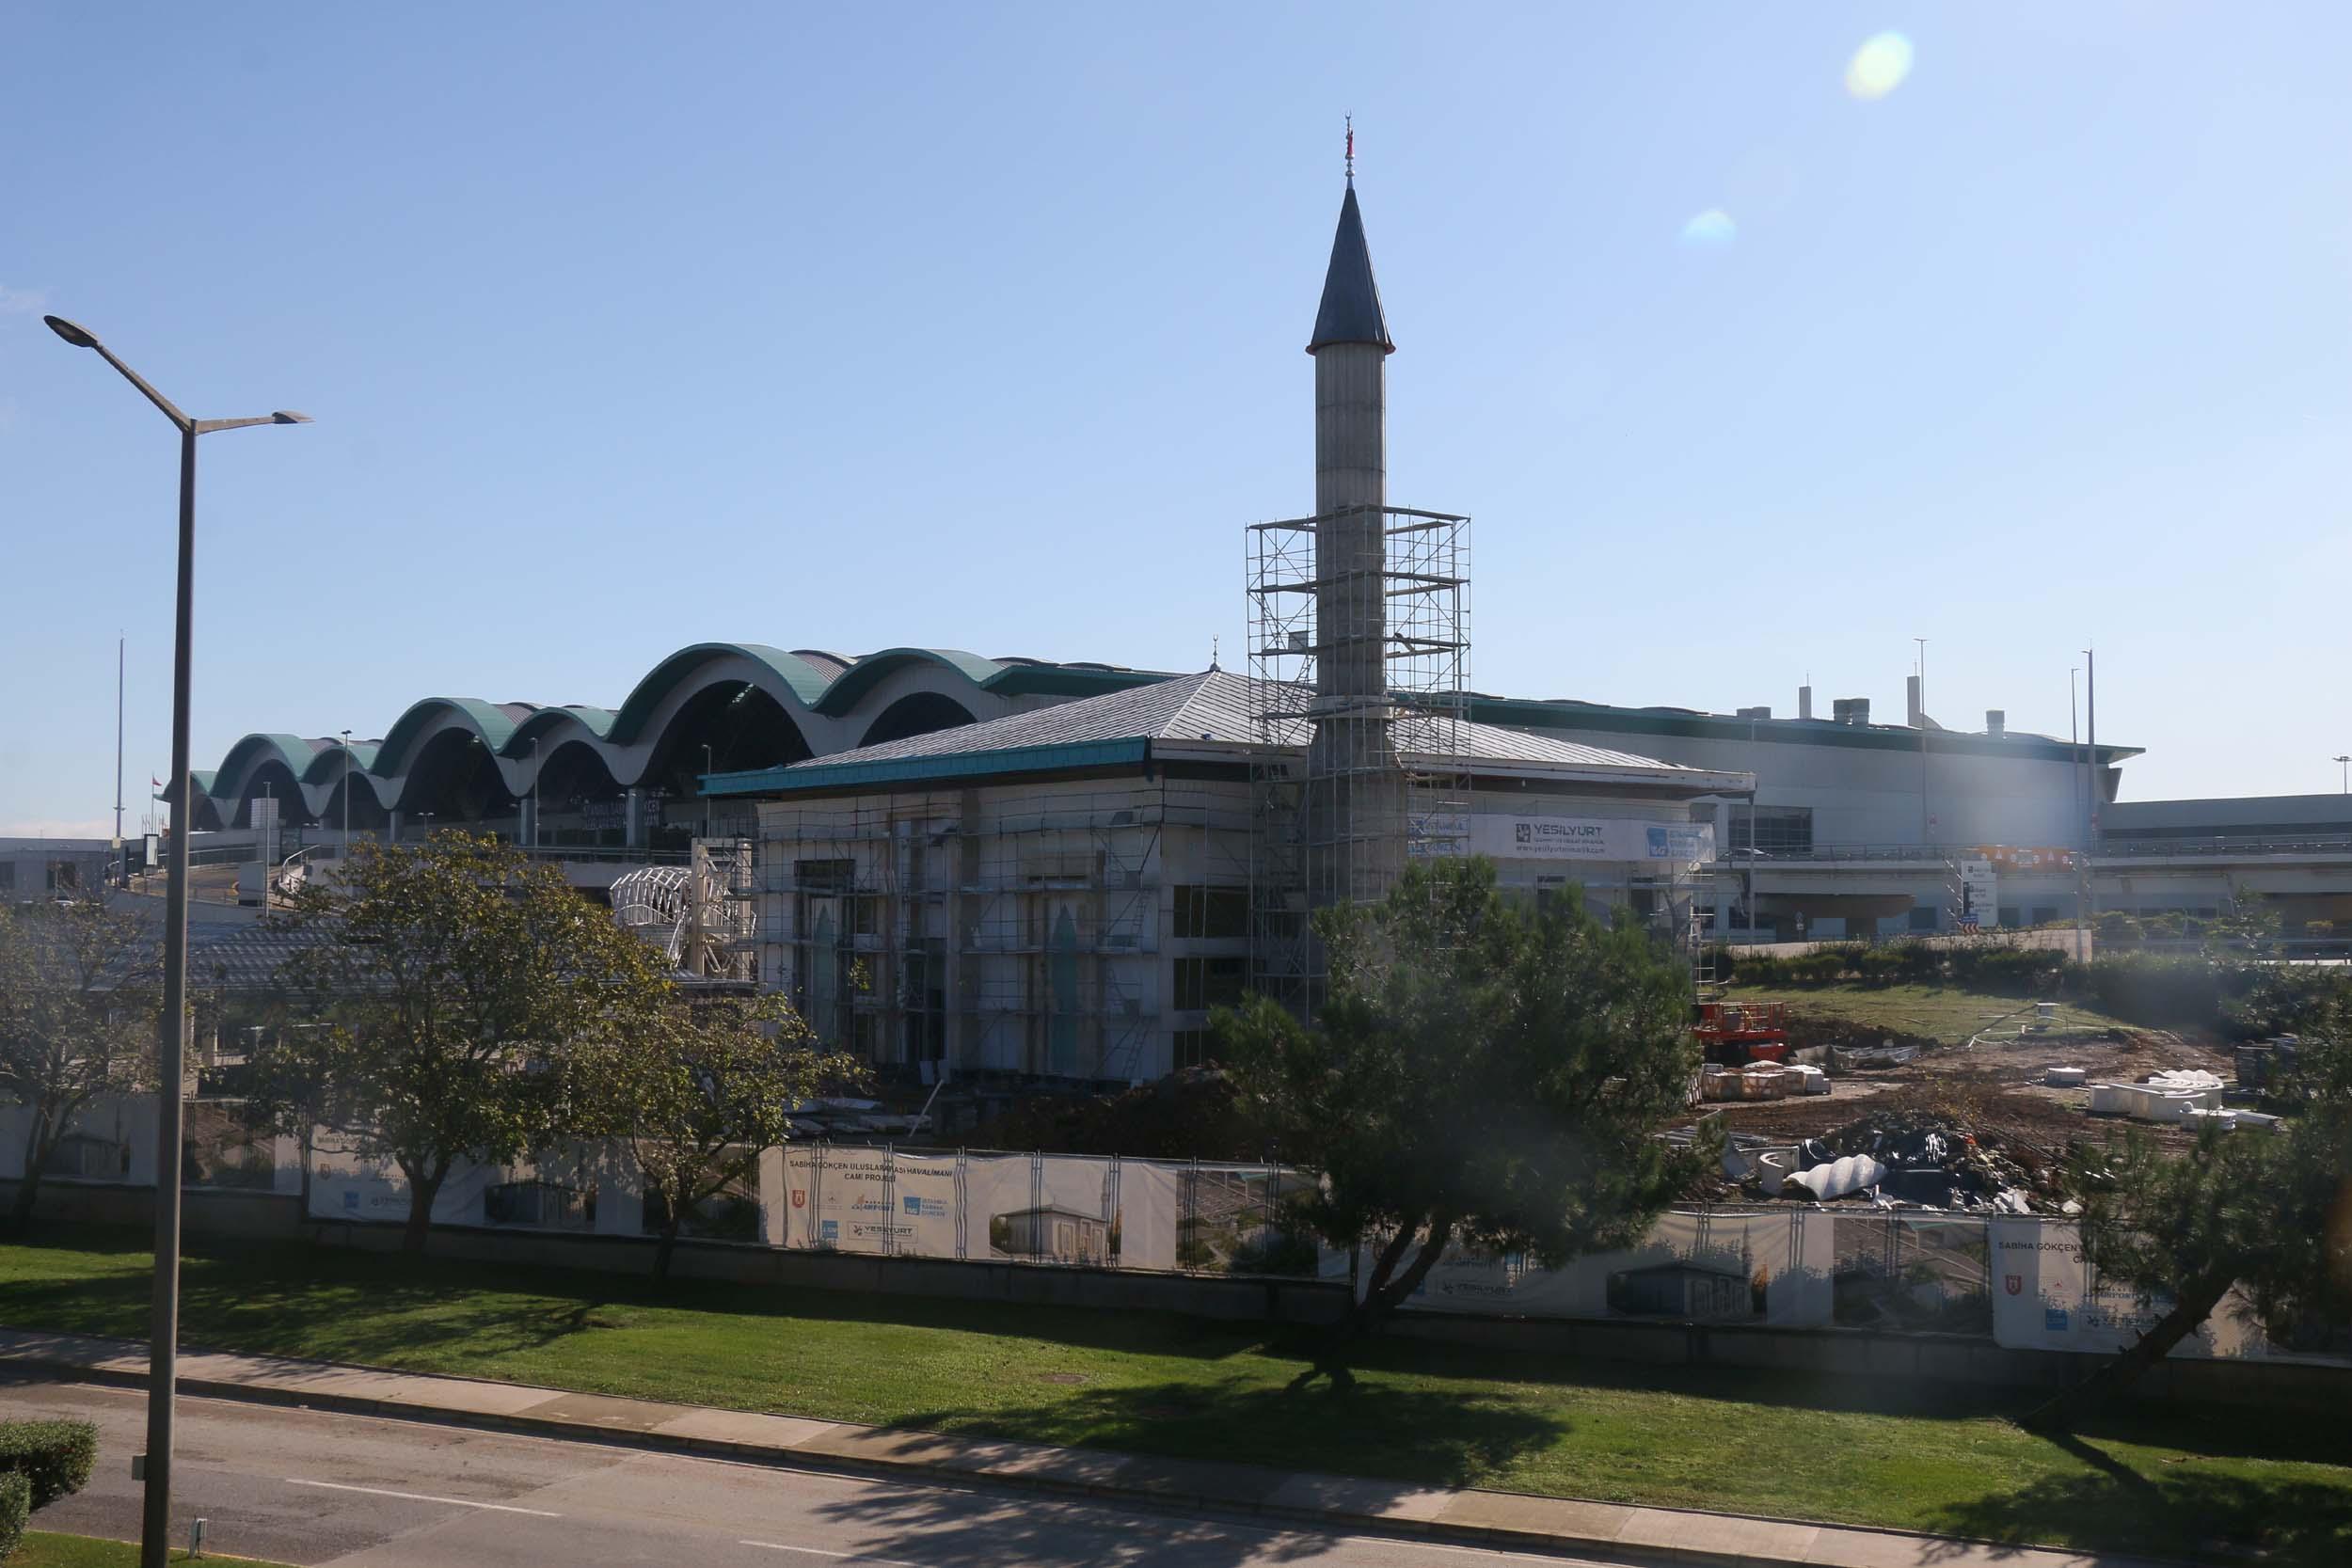 2 bin 800 kişinin aynı anda ibadet etmesine imkân veren Sabiha Gökçen Havalimanı Camii inşaatında sona doğru